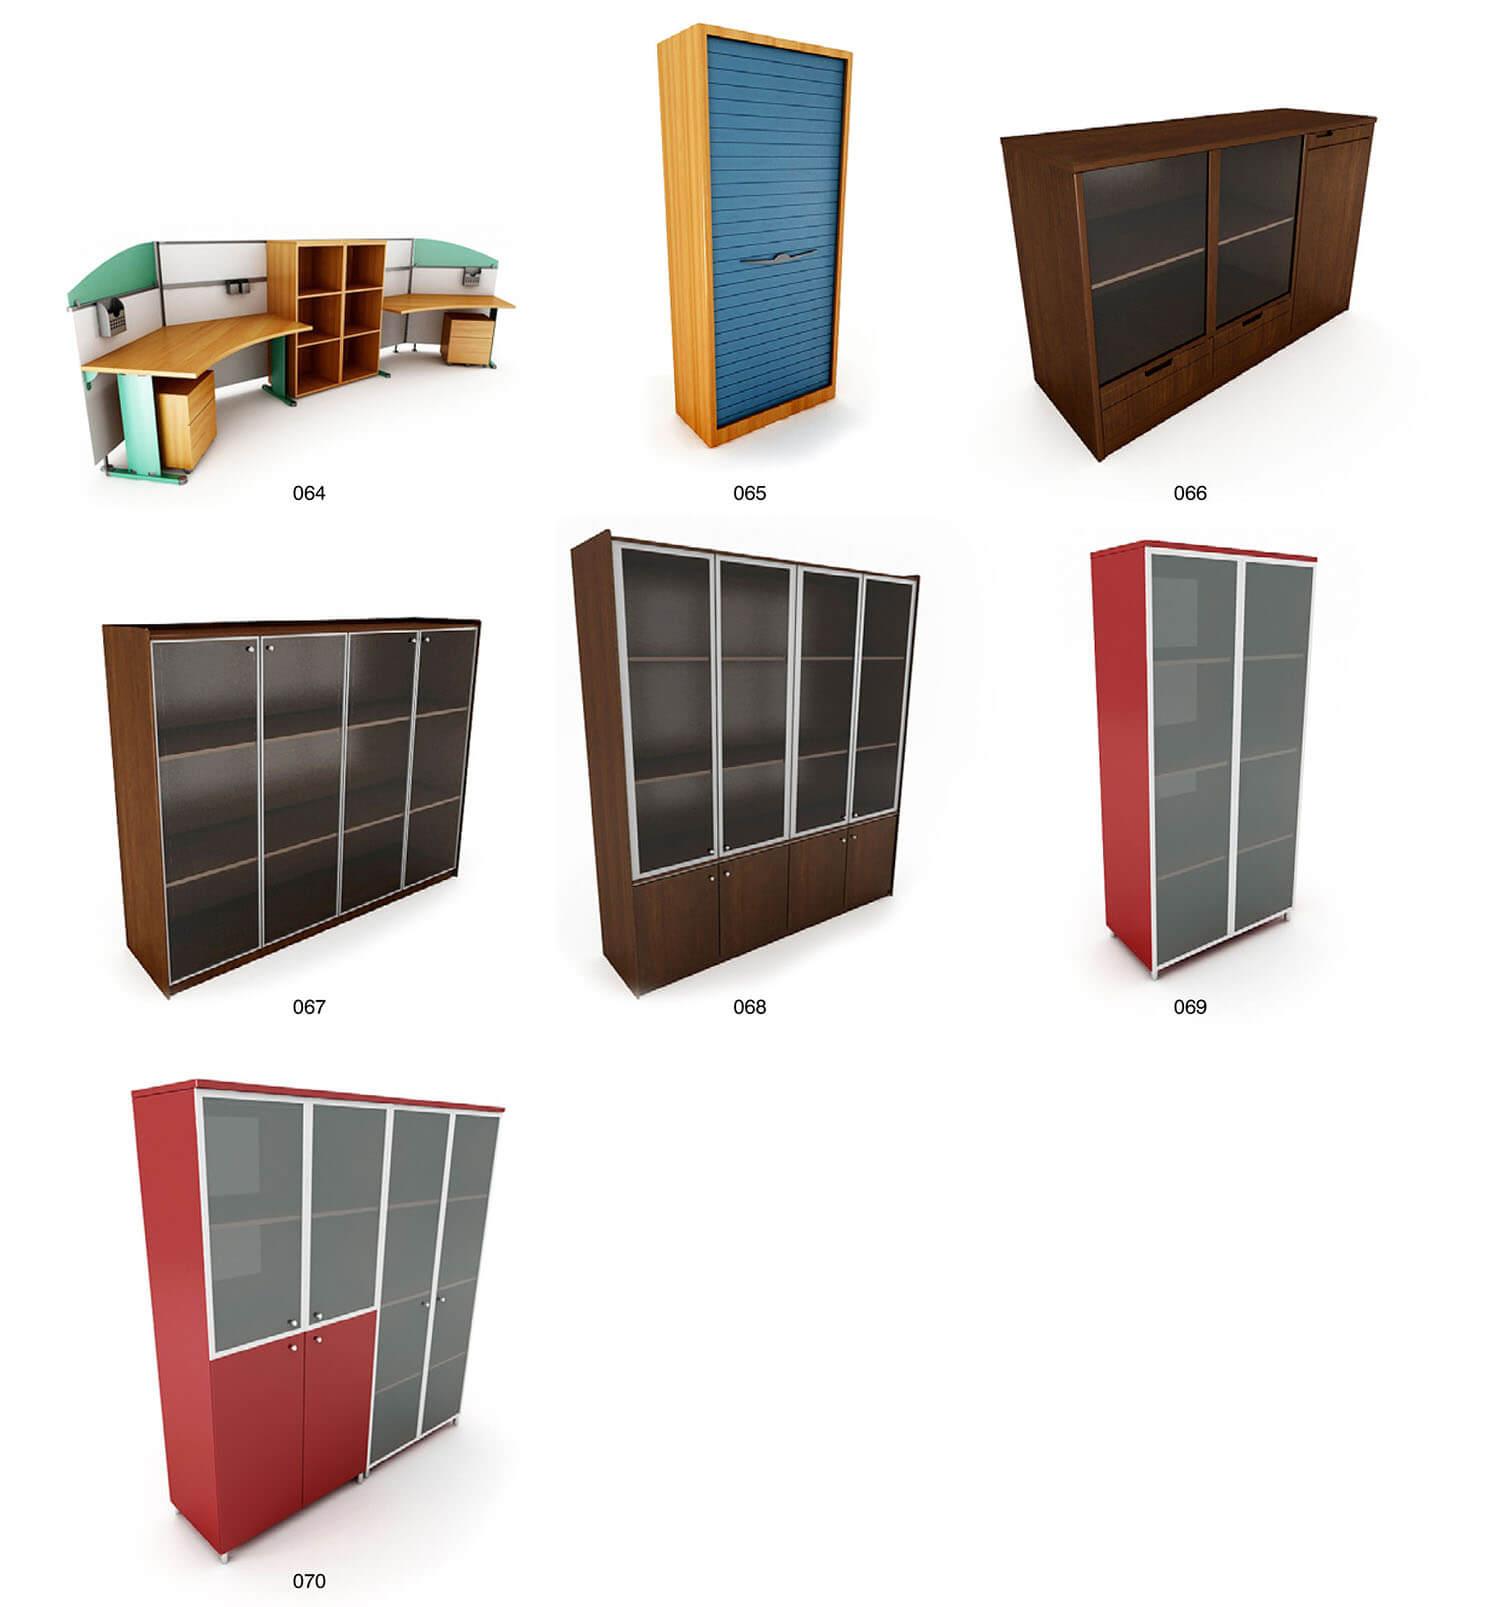 Một số mẫu tủ đựng tài liệu, giá sách chuyên dụng cho văn phòng